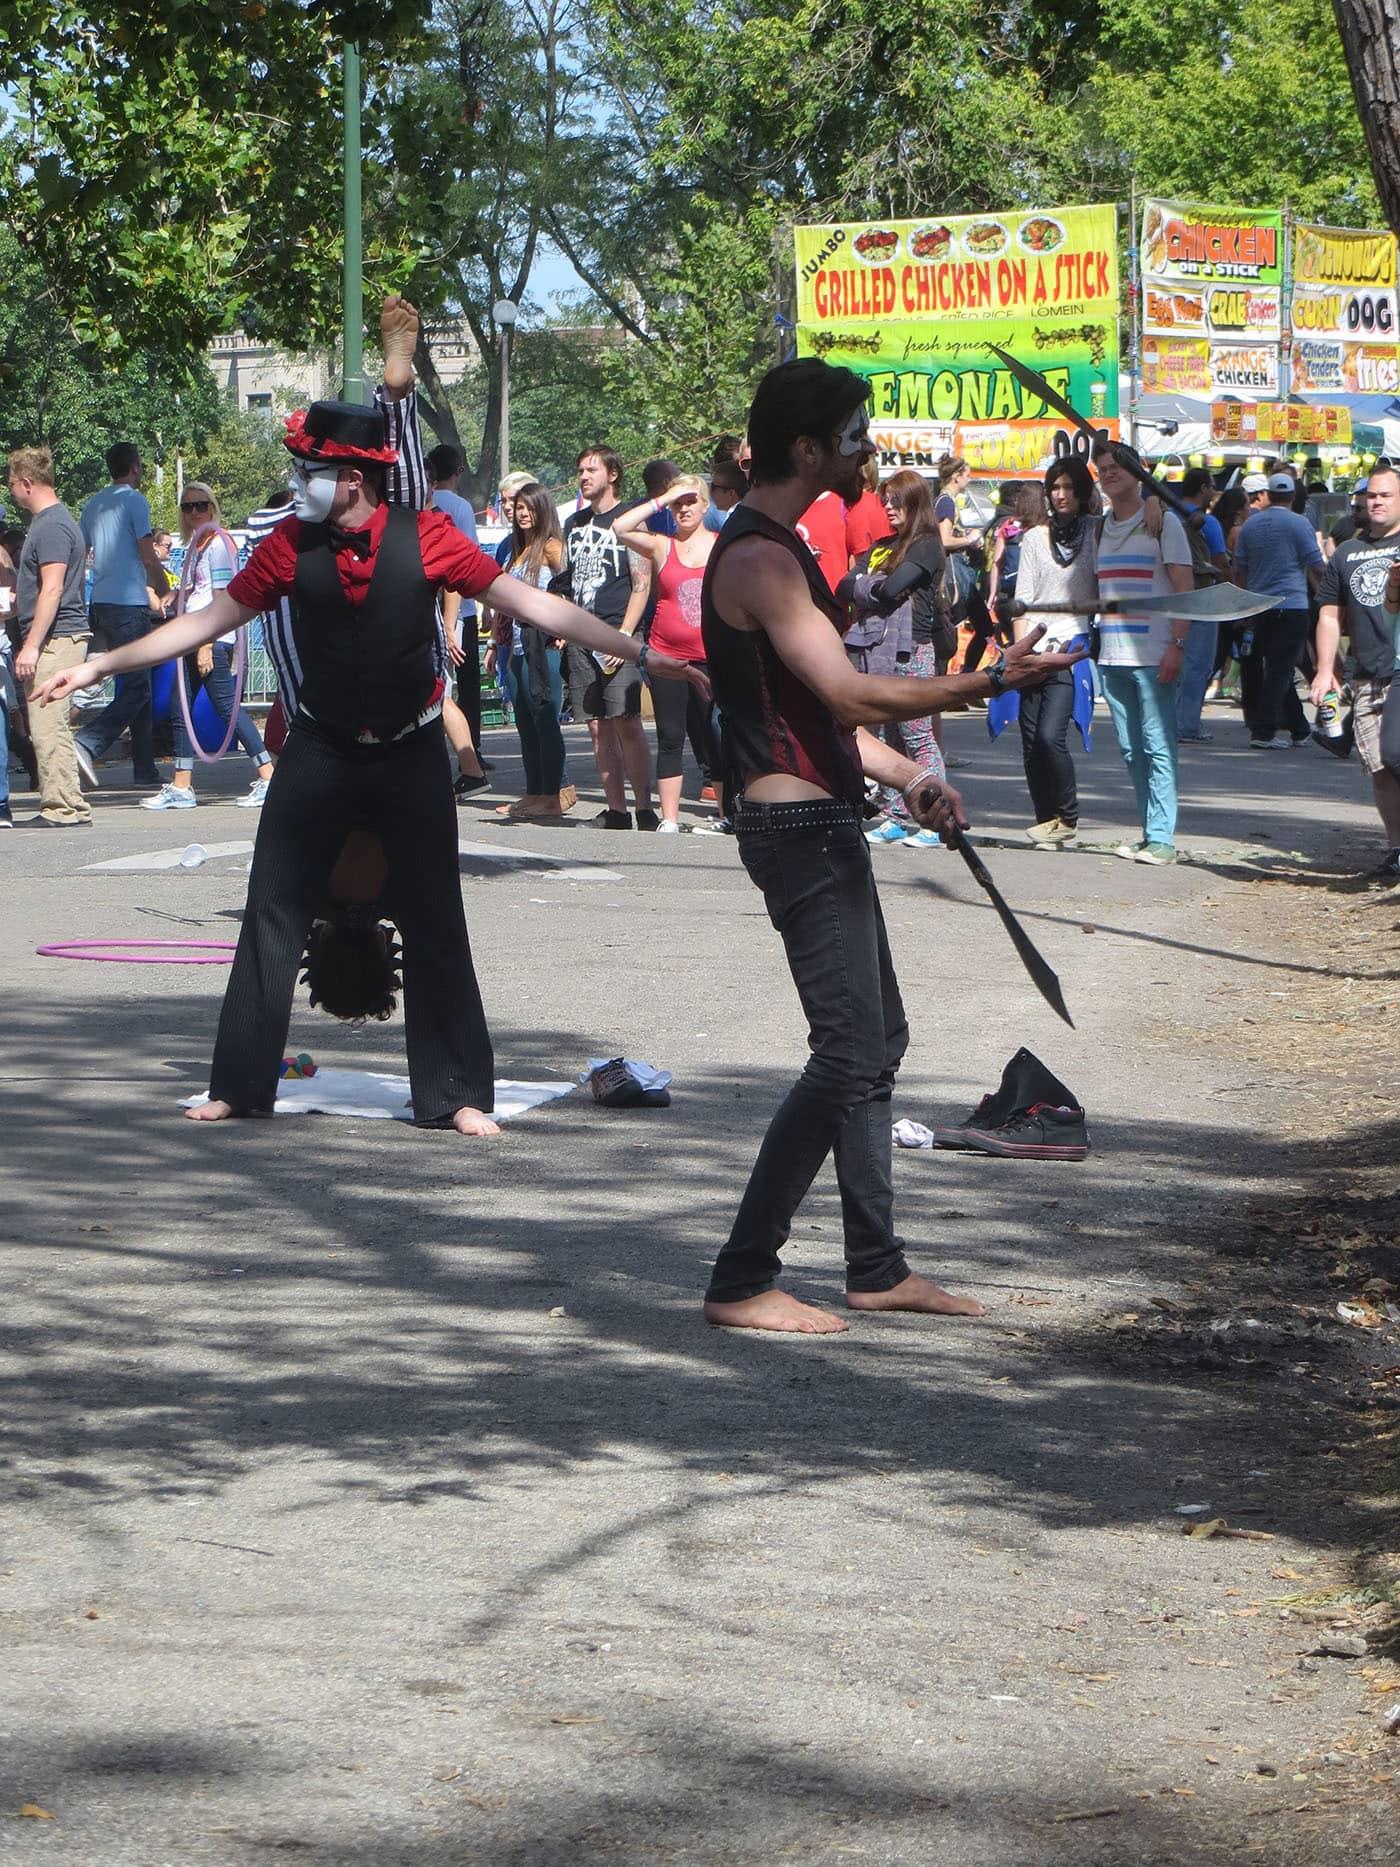 Knife juggler at Riot Fest Chicago 2013